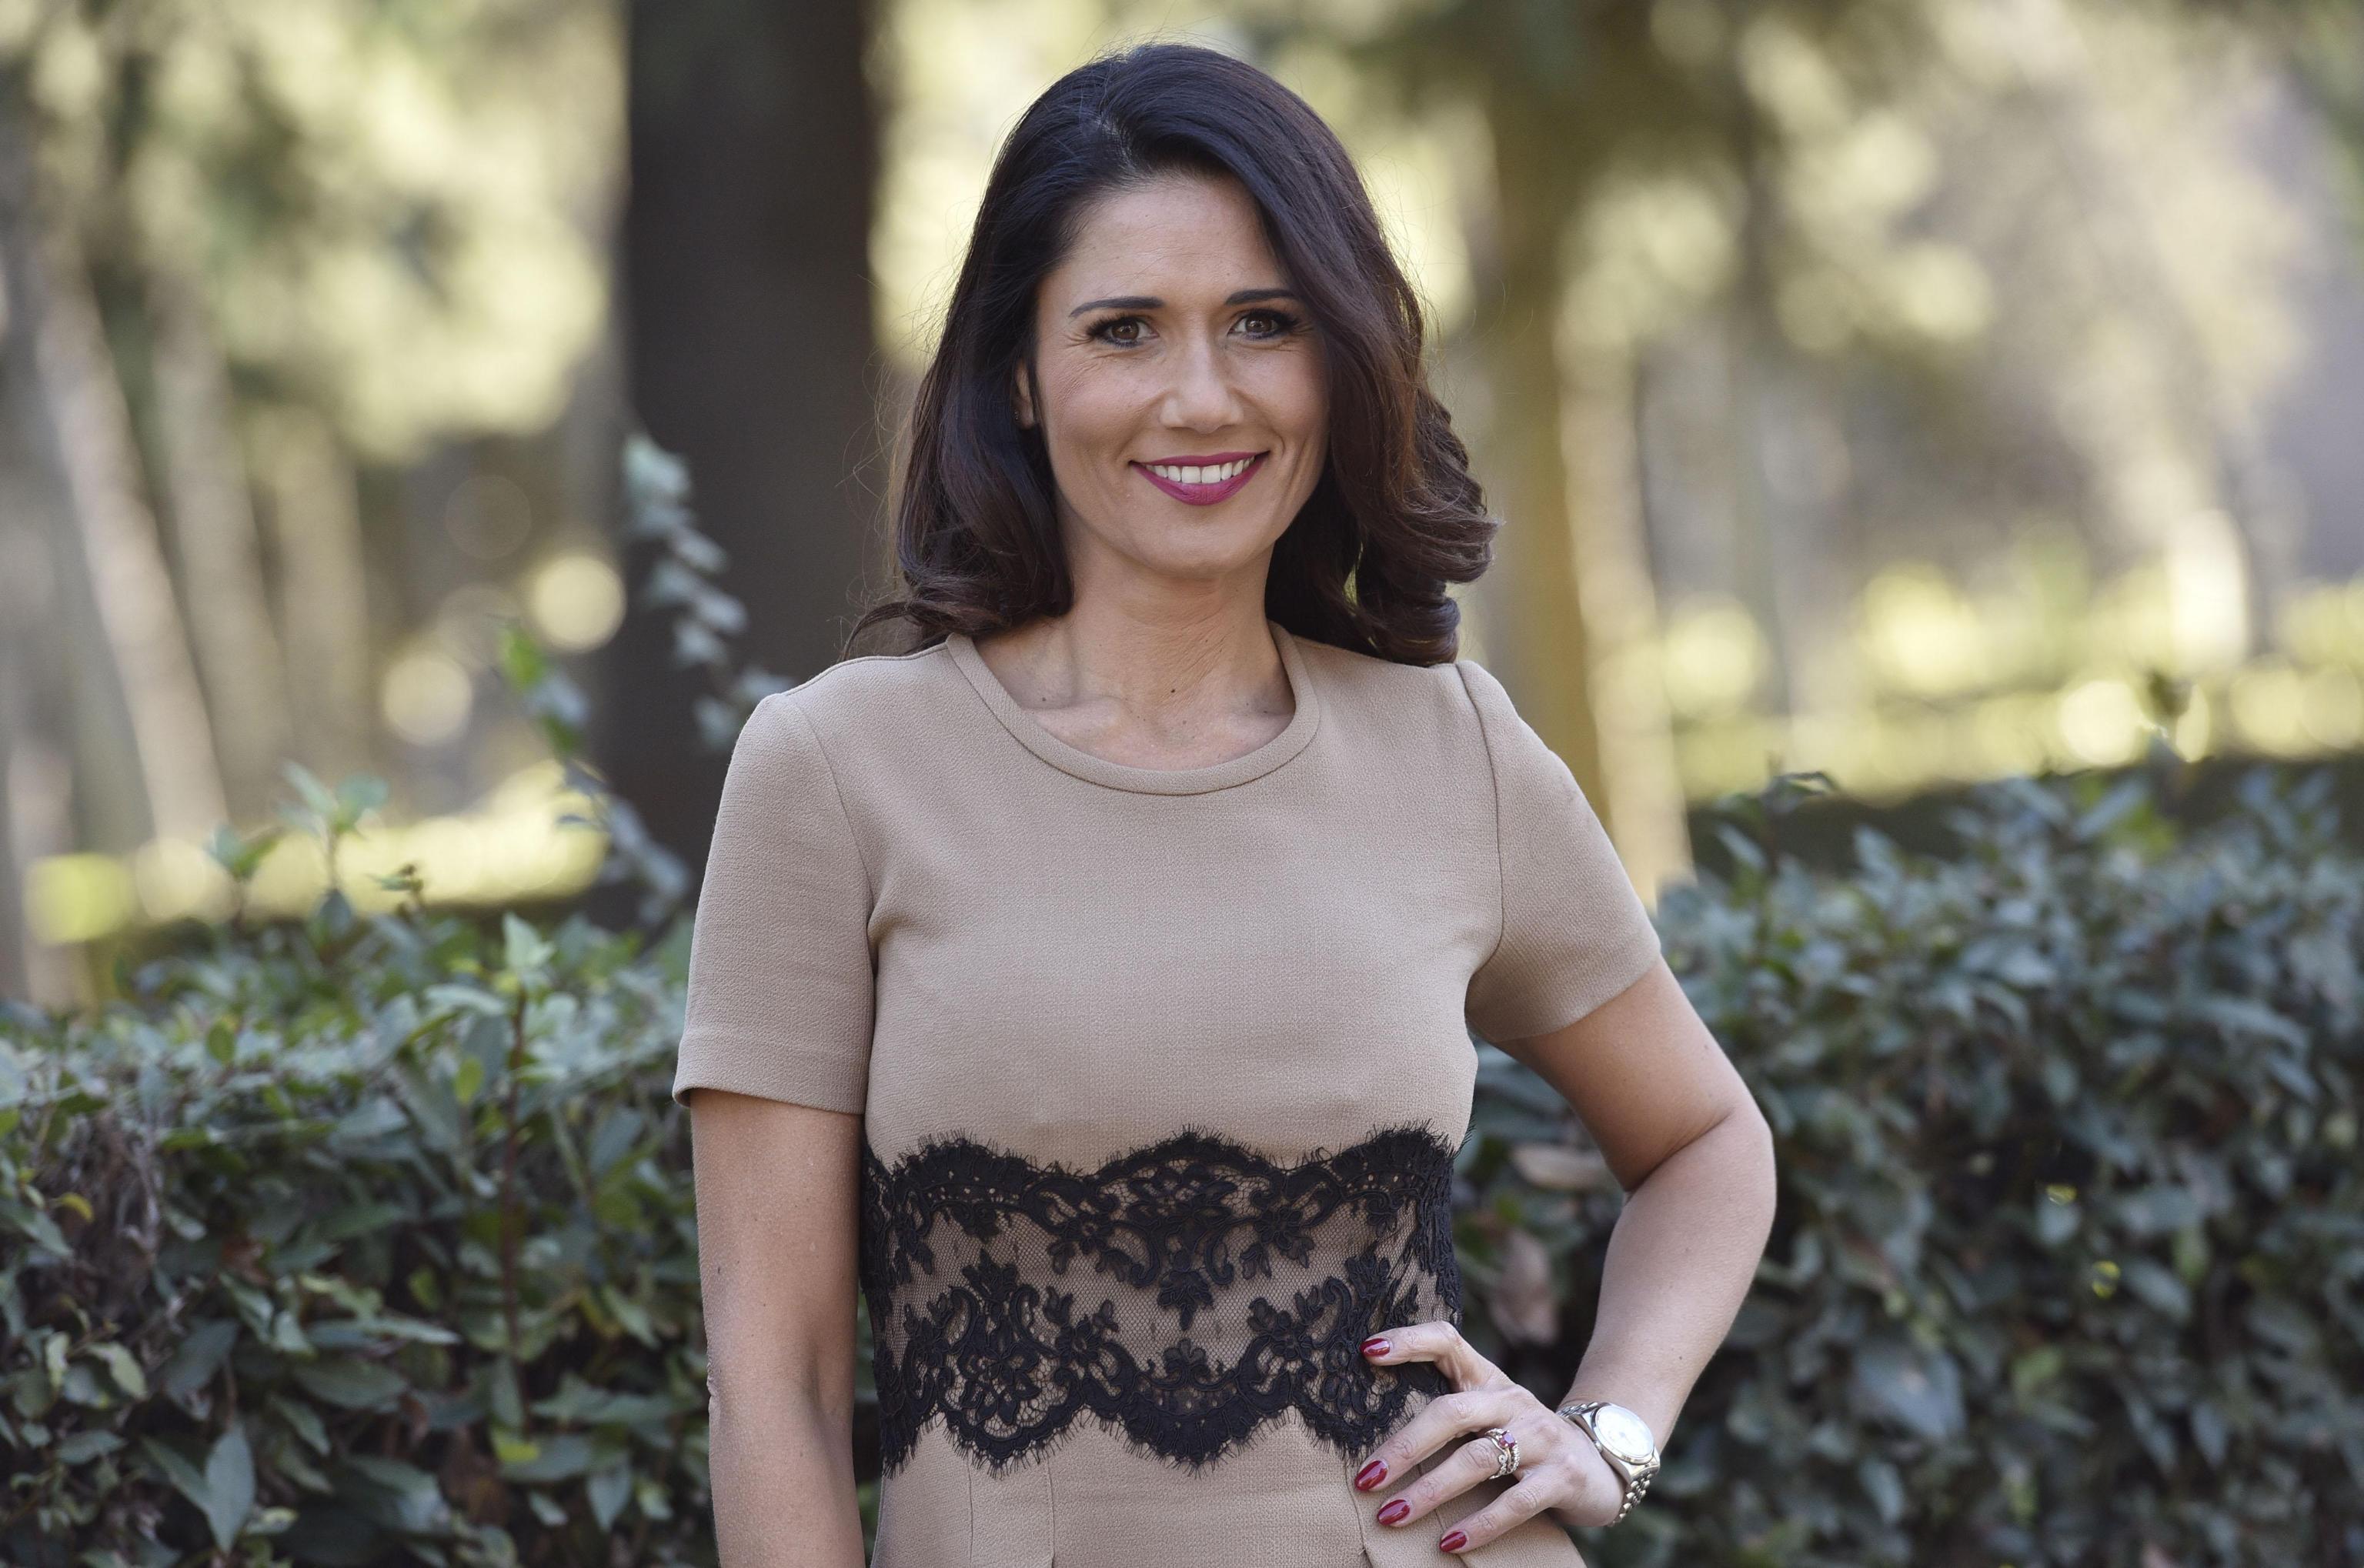 Barbara Tabita mamma a 43 anni: è nata Beatrice, la figlia dell'attrice siciliana